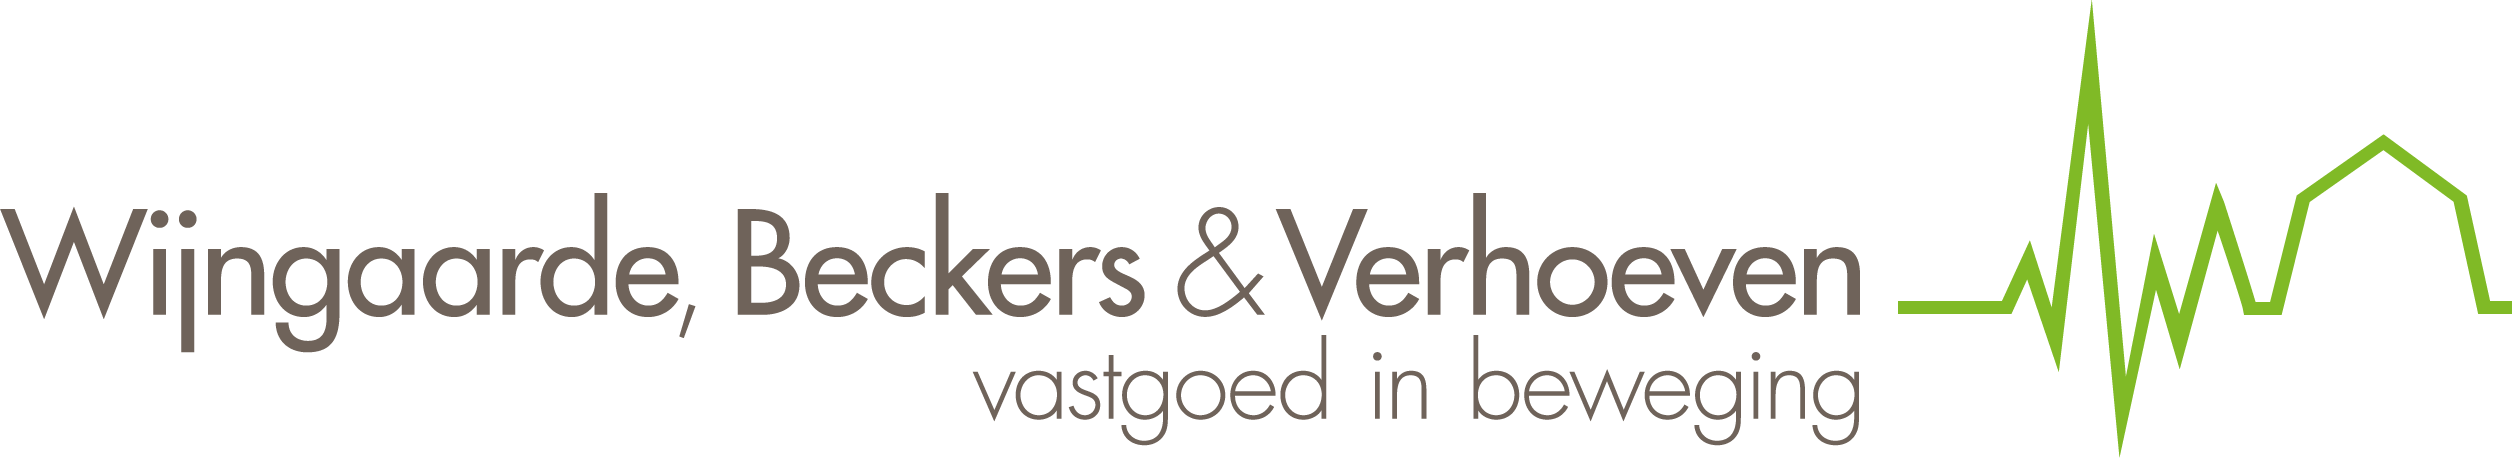 Wijngaarde, Beckers & Verhoeven